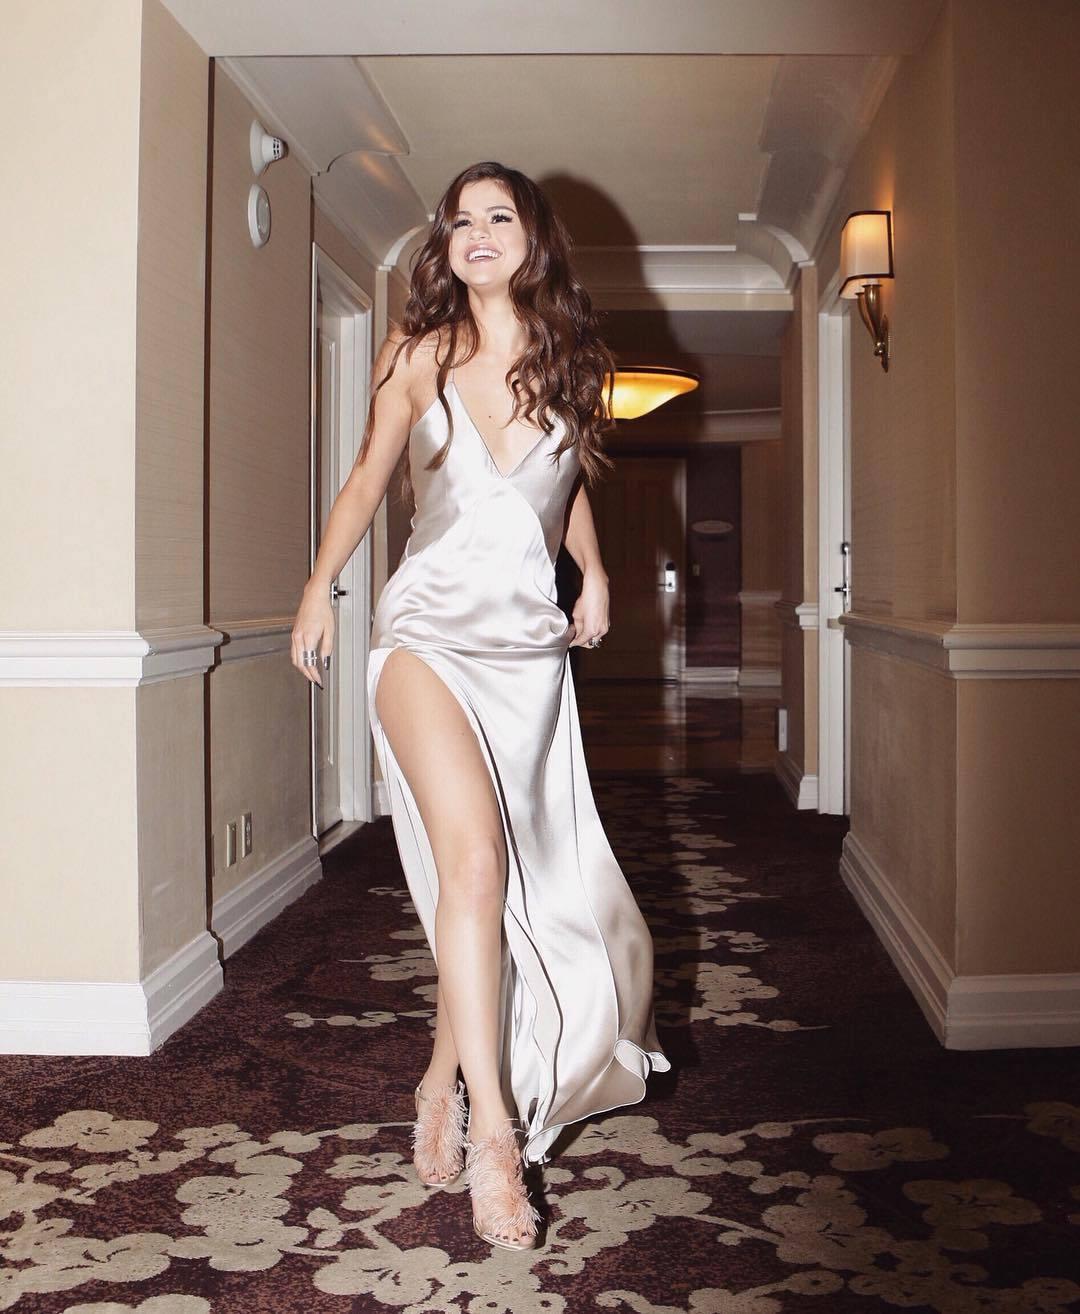 Taki Taki Rumba Dance Mp3: Selena Gomez's Feet